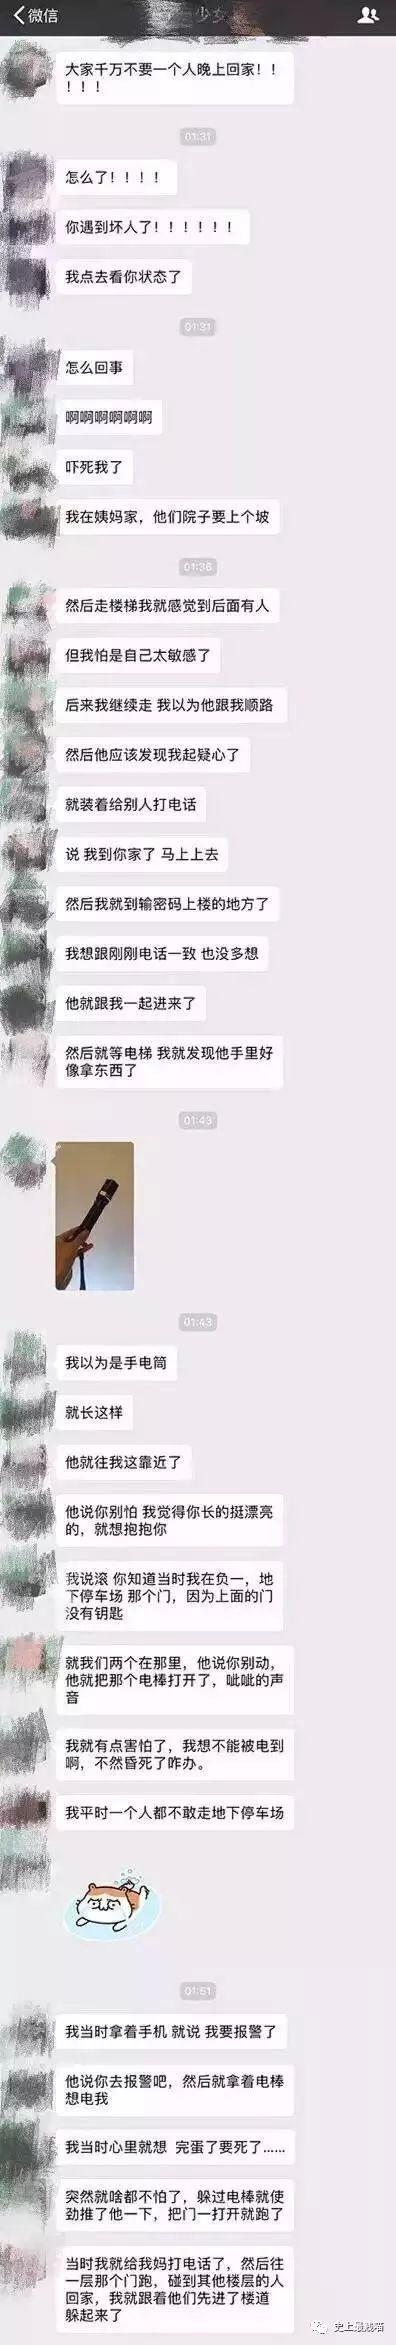 韦德官网 12